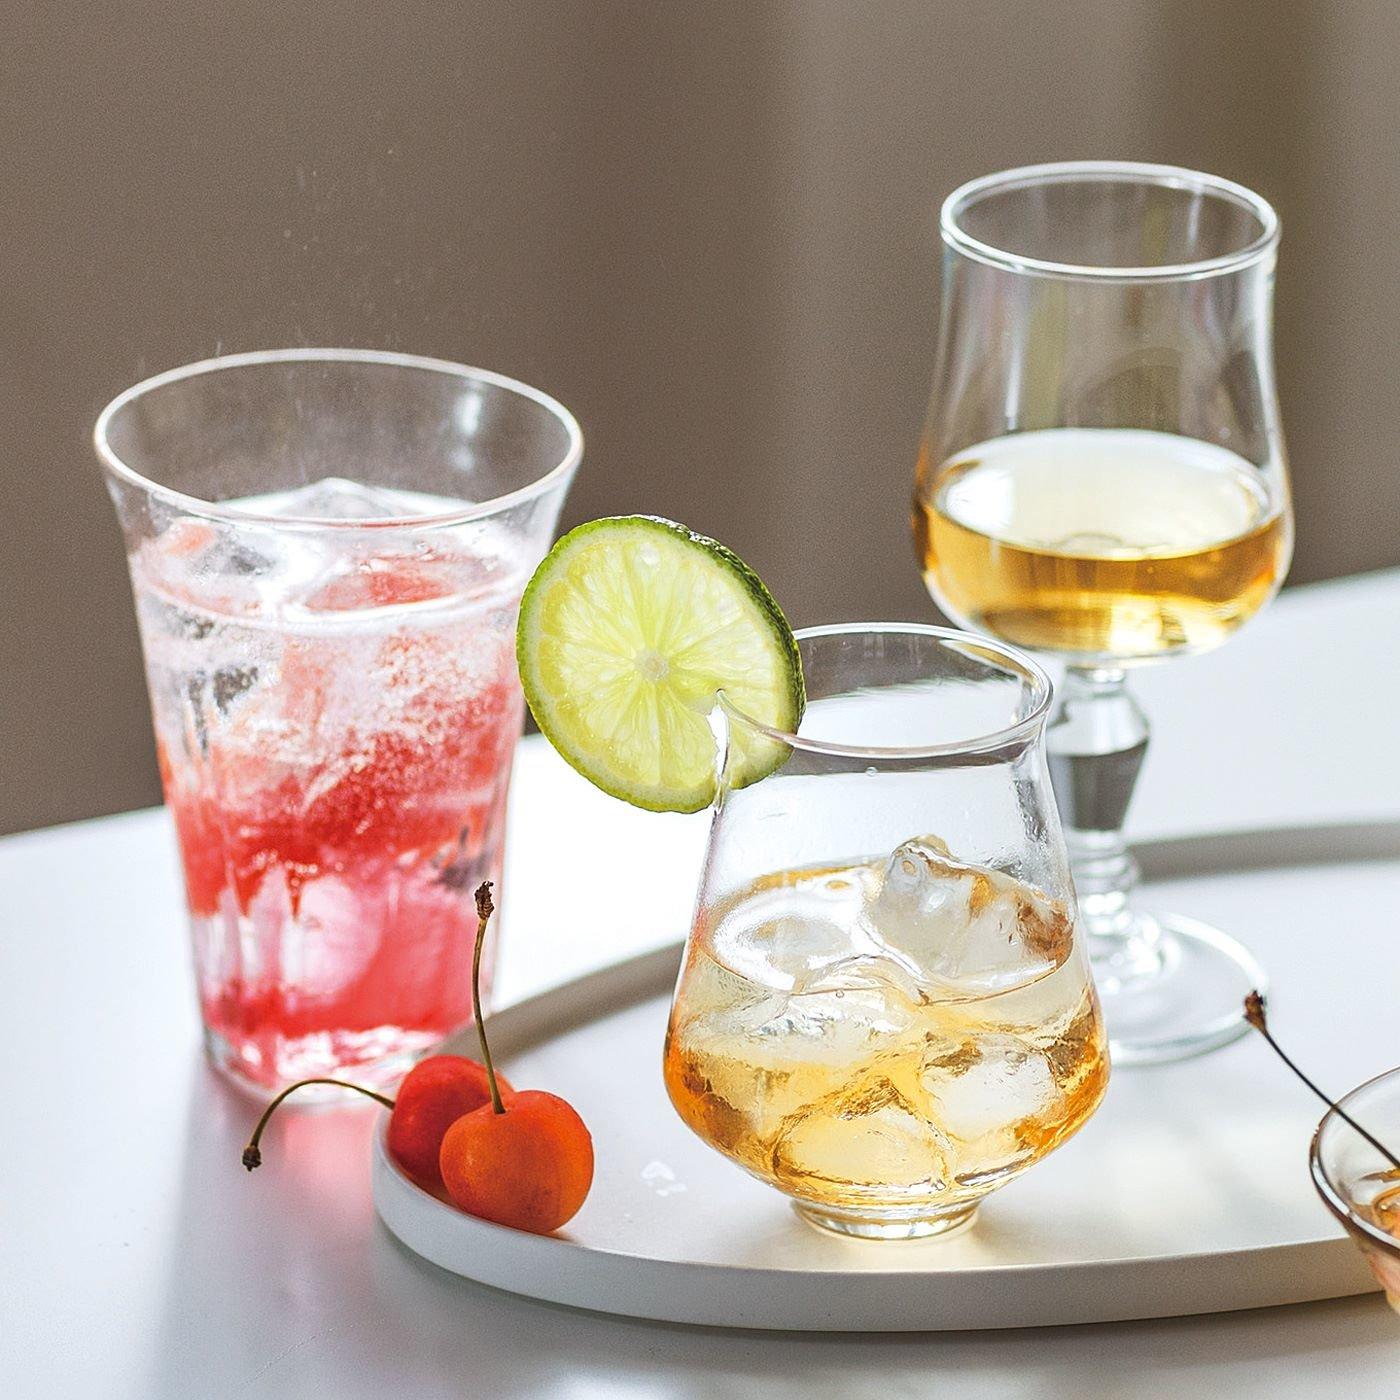 元気に過ごそう! 毎日楽しむ梅酒で乾杯の会(12回予約)